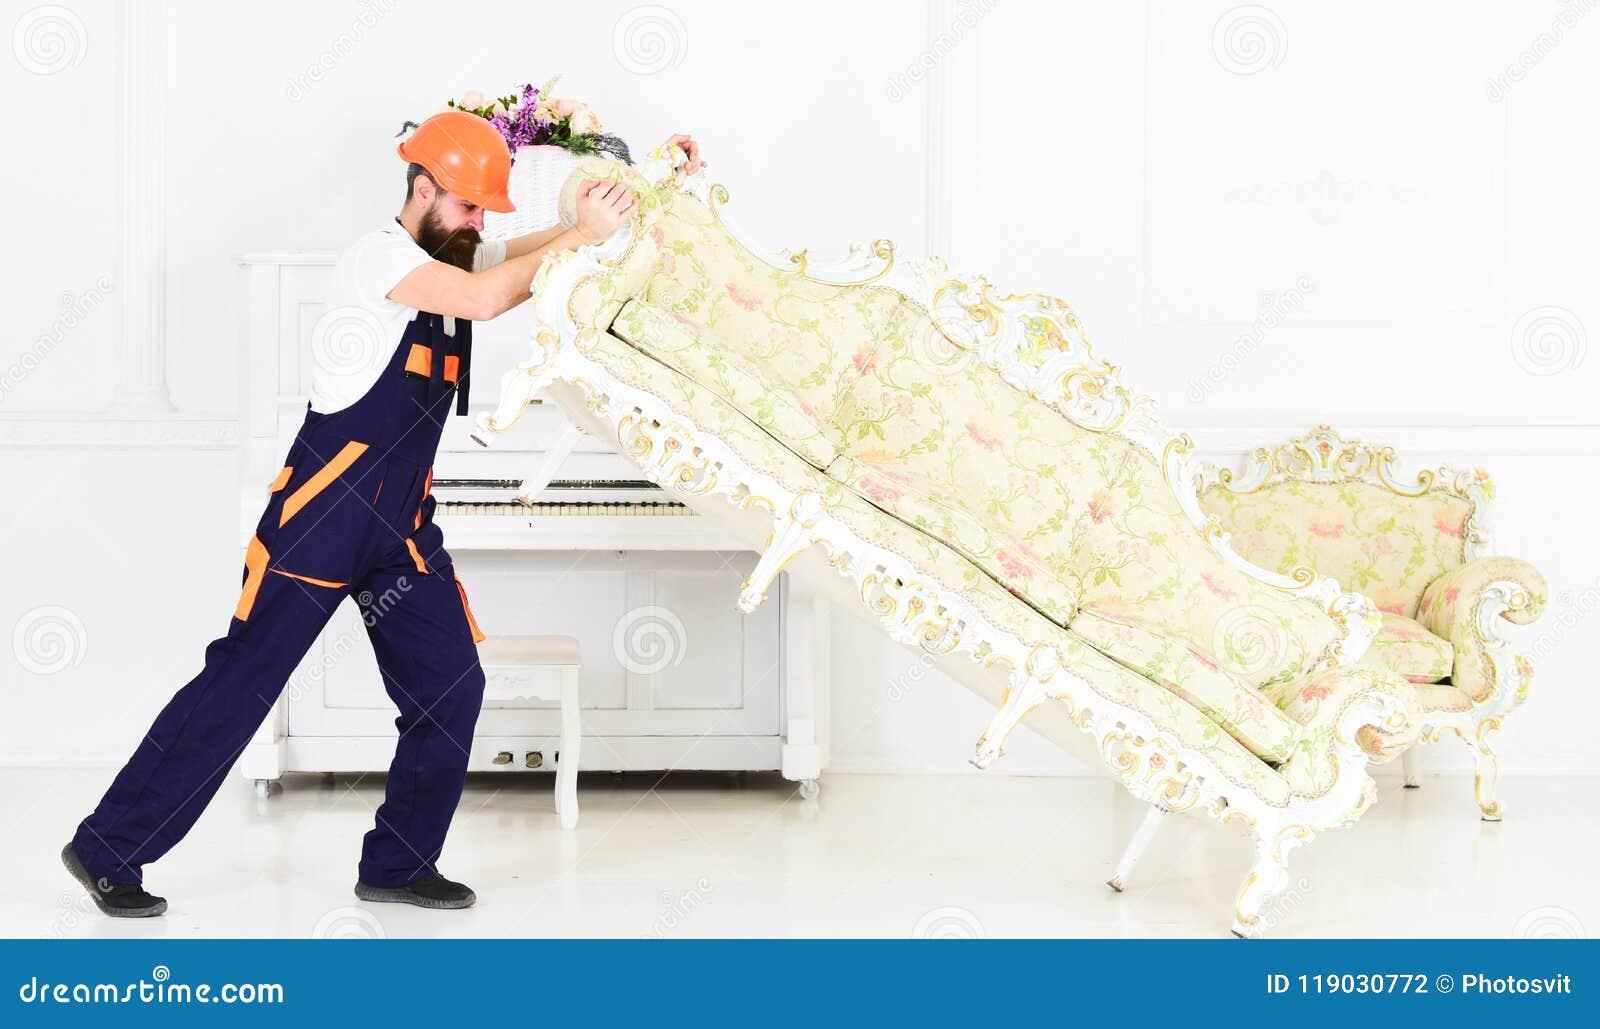 Concept de service de distribution Le messager livre des meubles en cas de sortent, relocalisation Le chargeur déplace le sofa, d